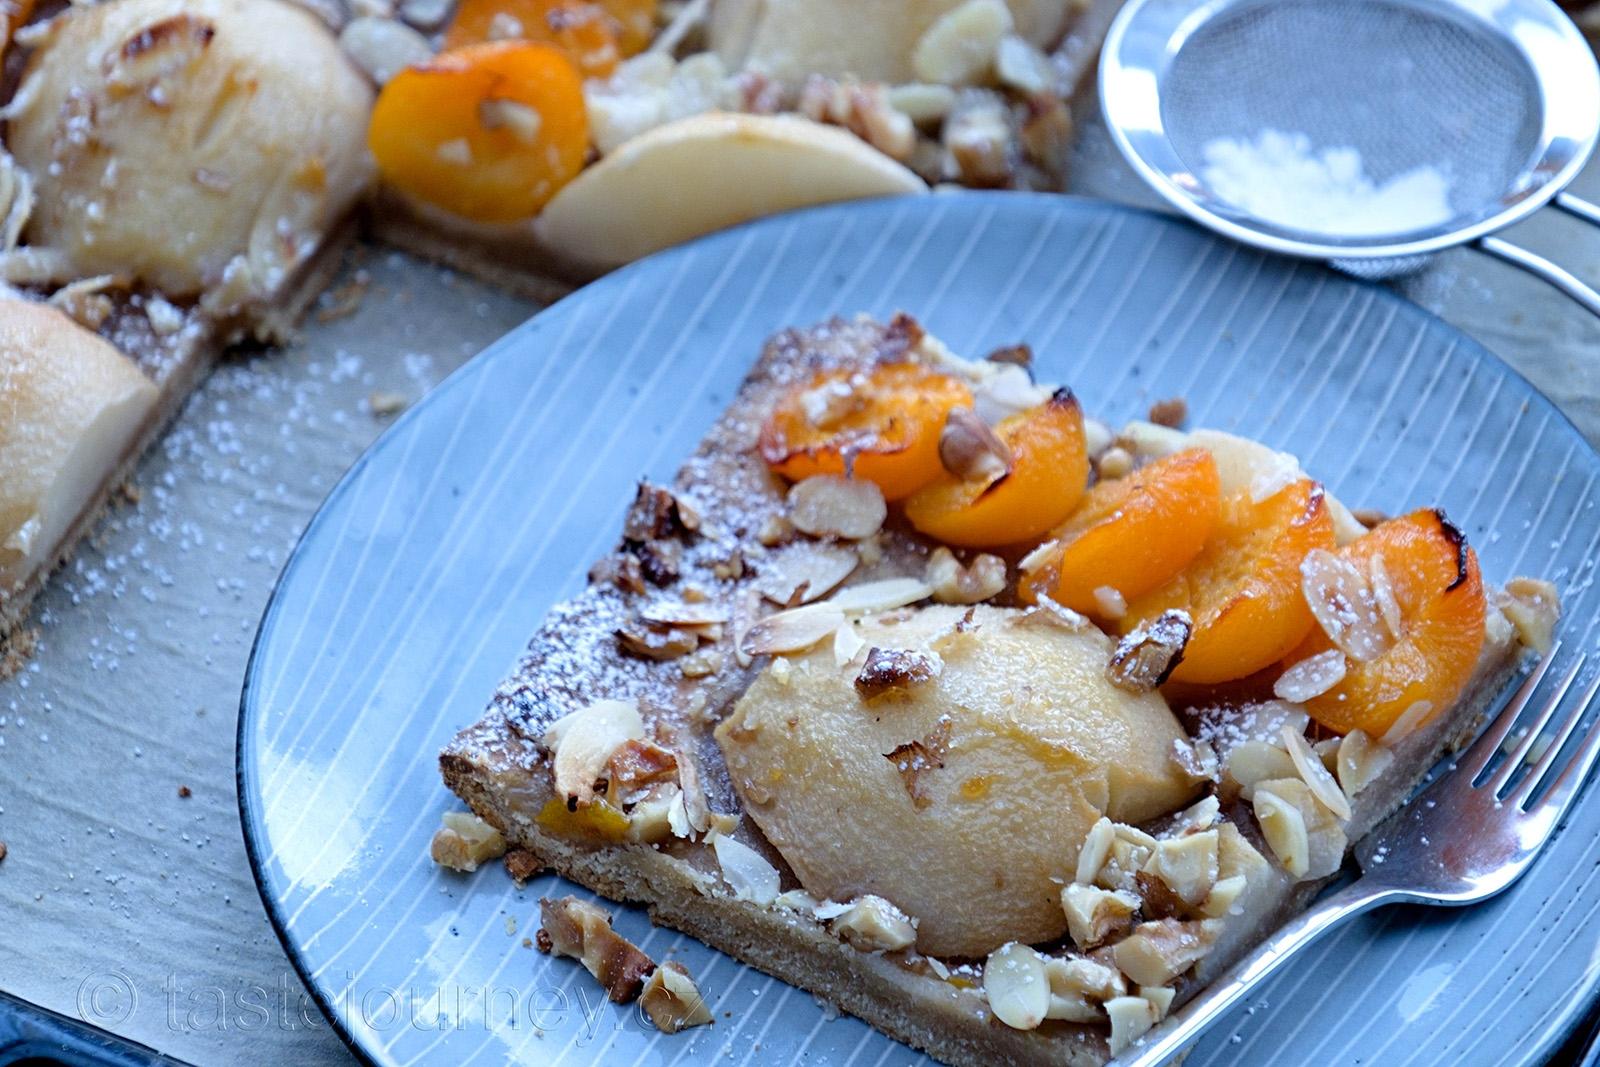 Koláč s hruškami a meruňkami doplní ořechy a mandle